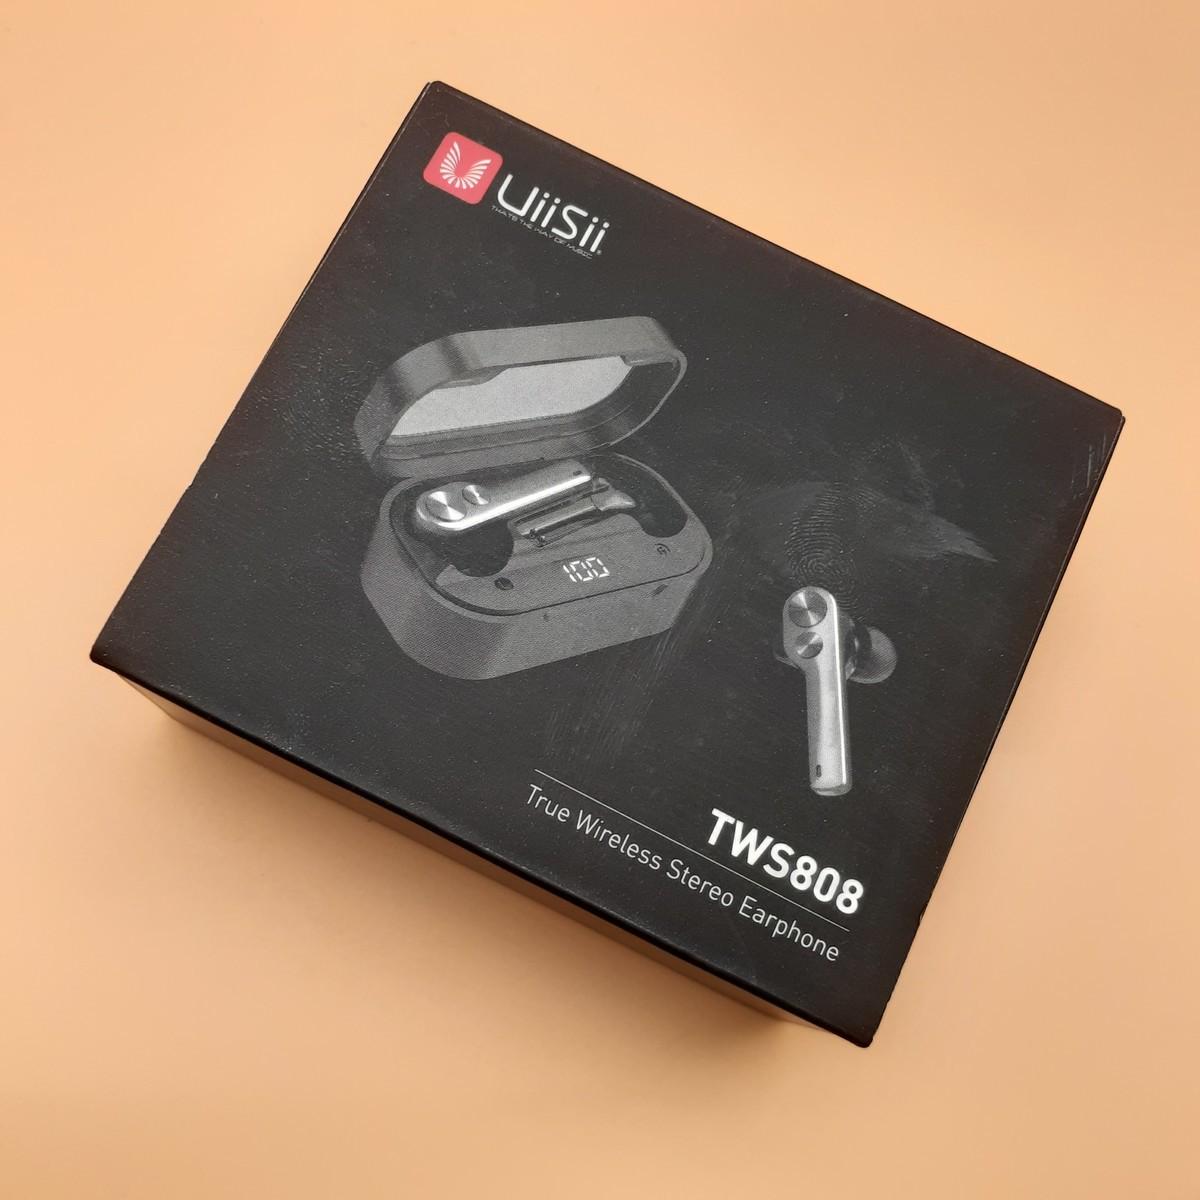 UiiSii TWS808